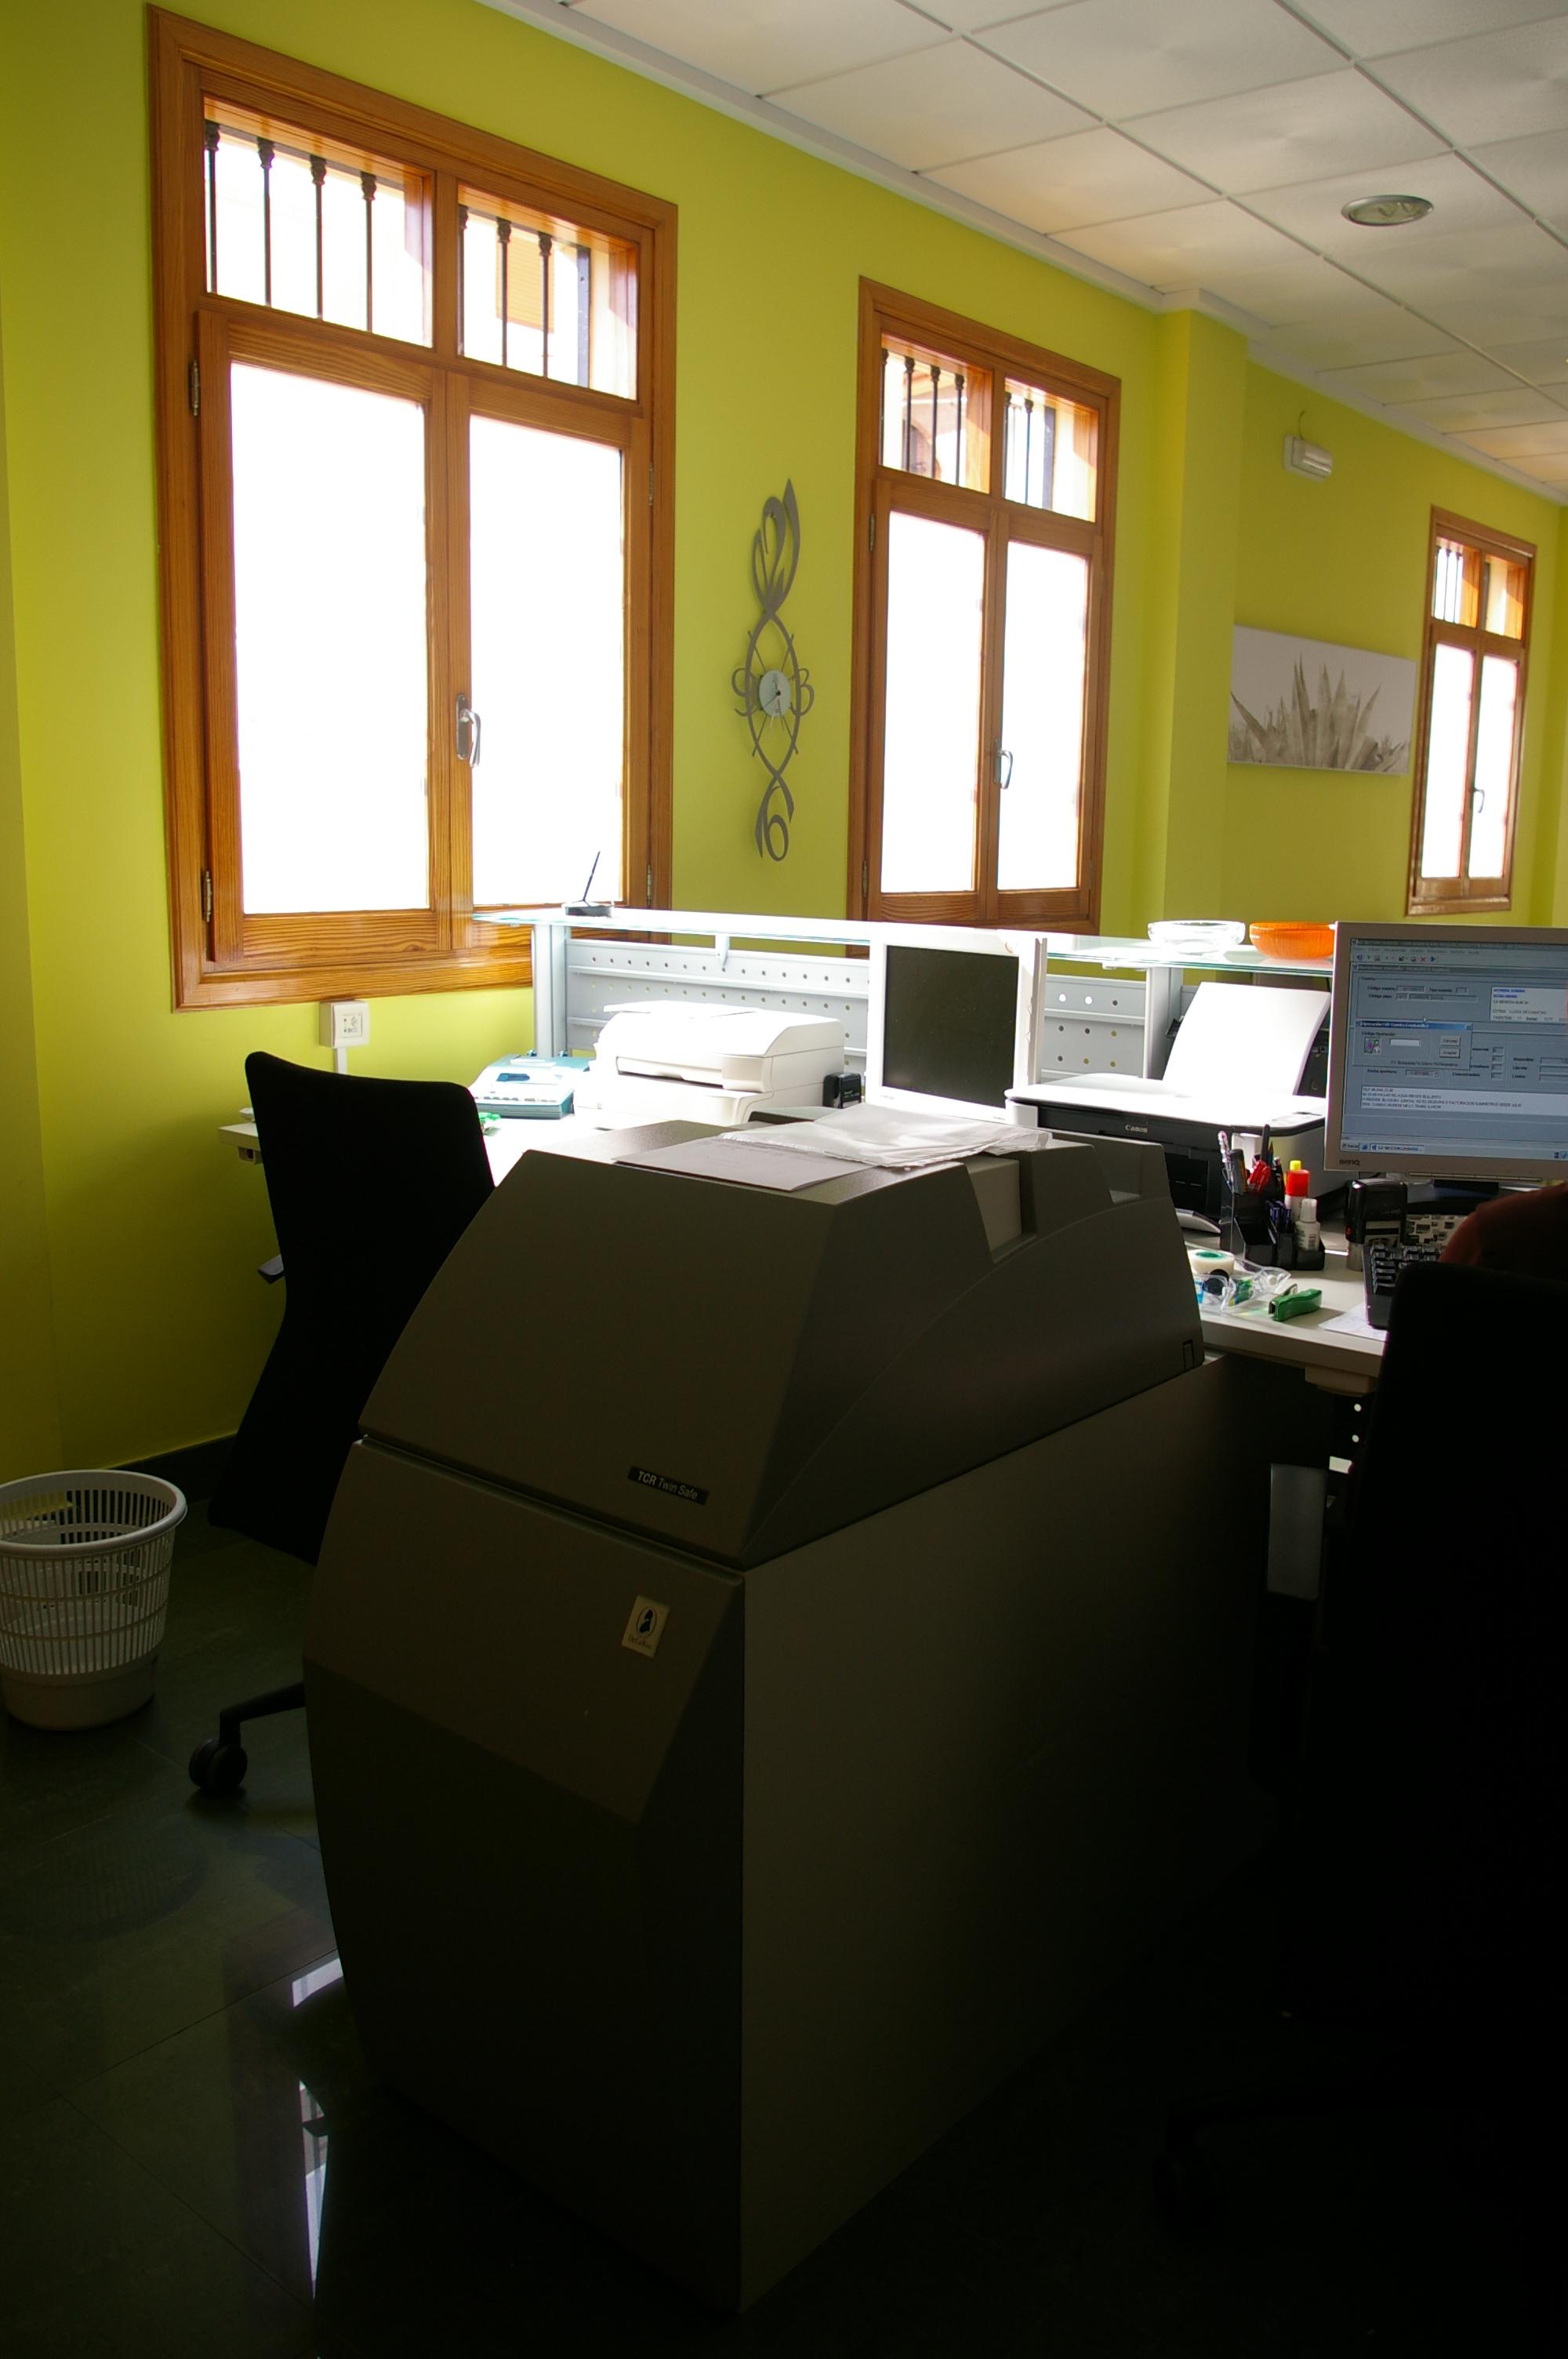 Oficina seccion de_credito